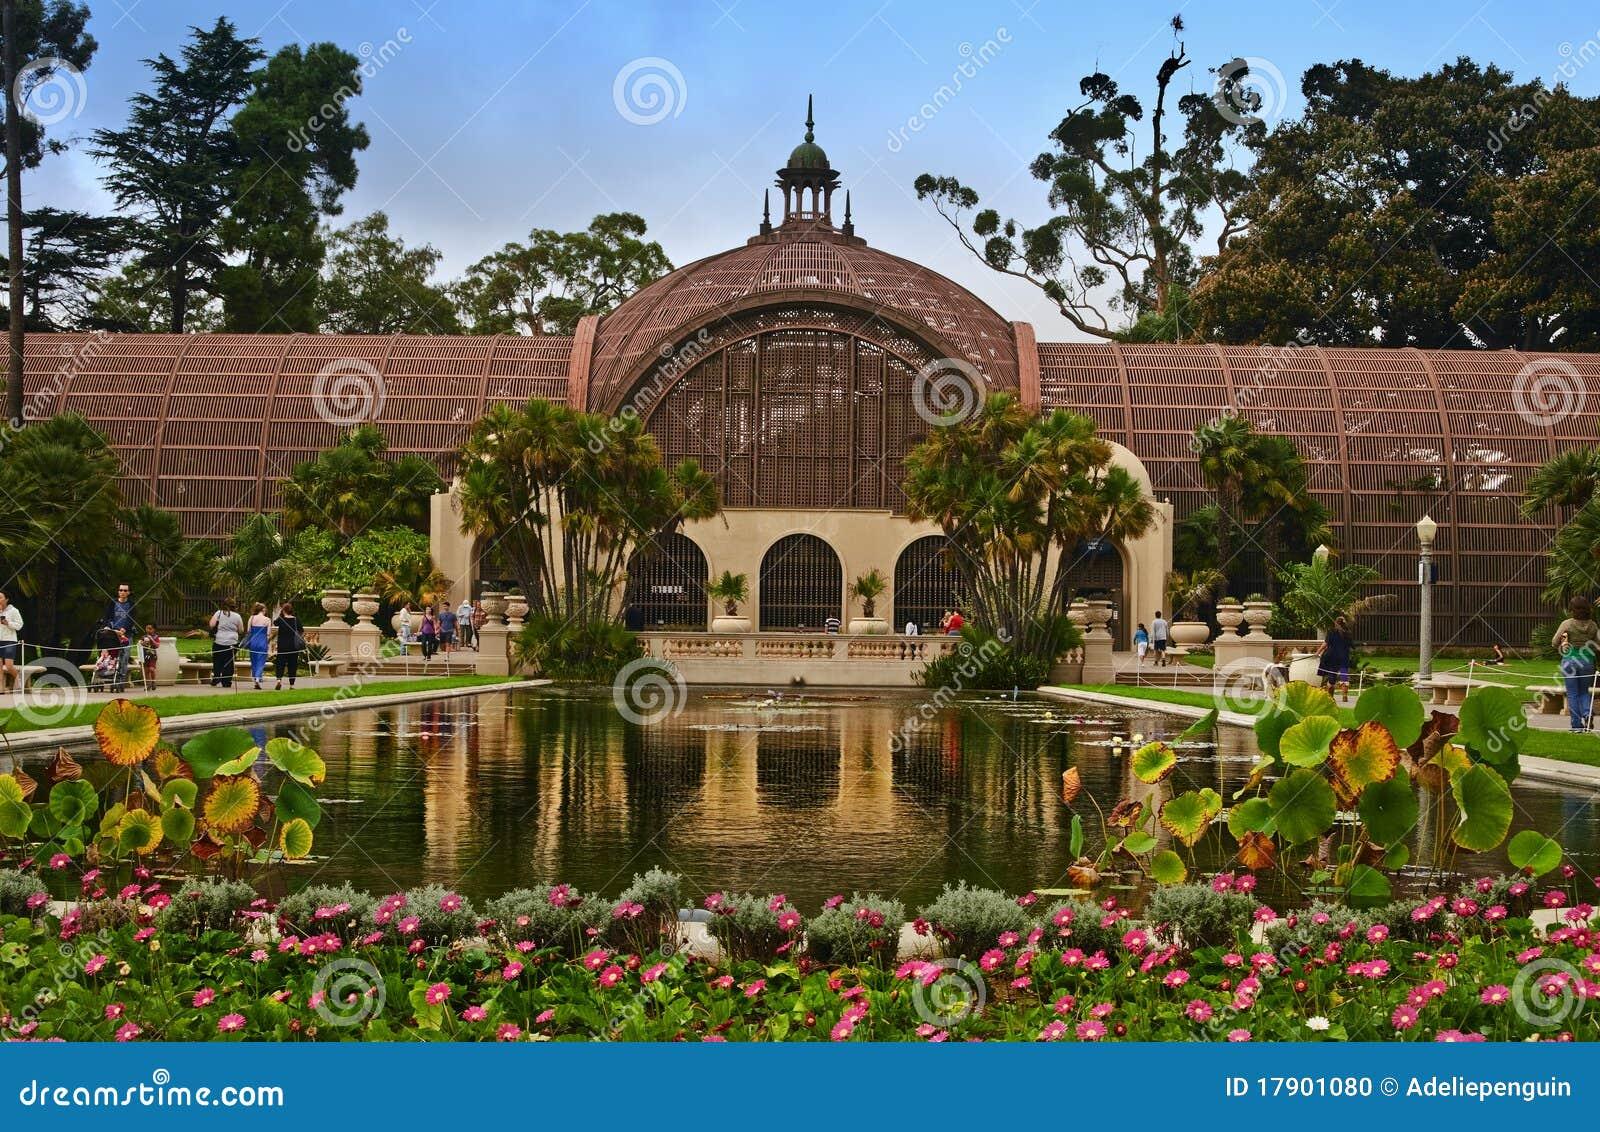 Botanical Building Balboa Park Editorial Image Image